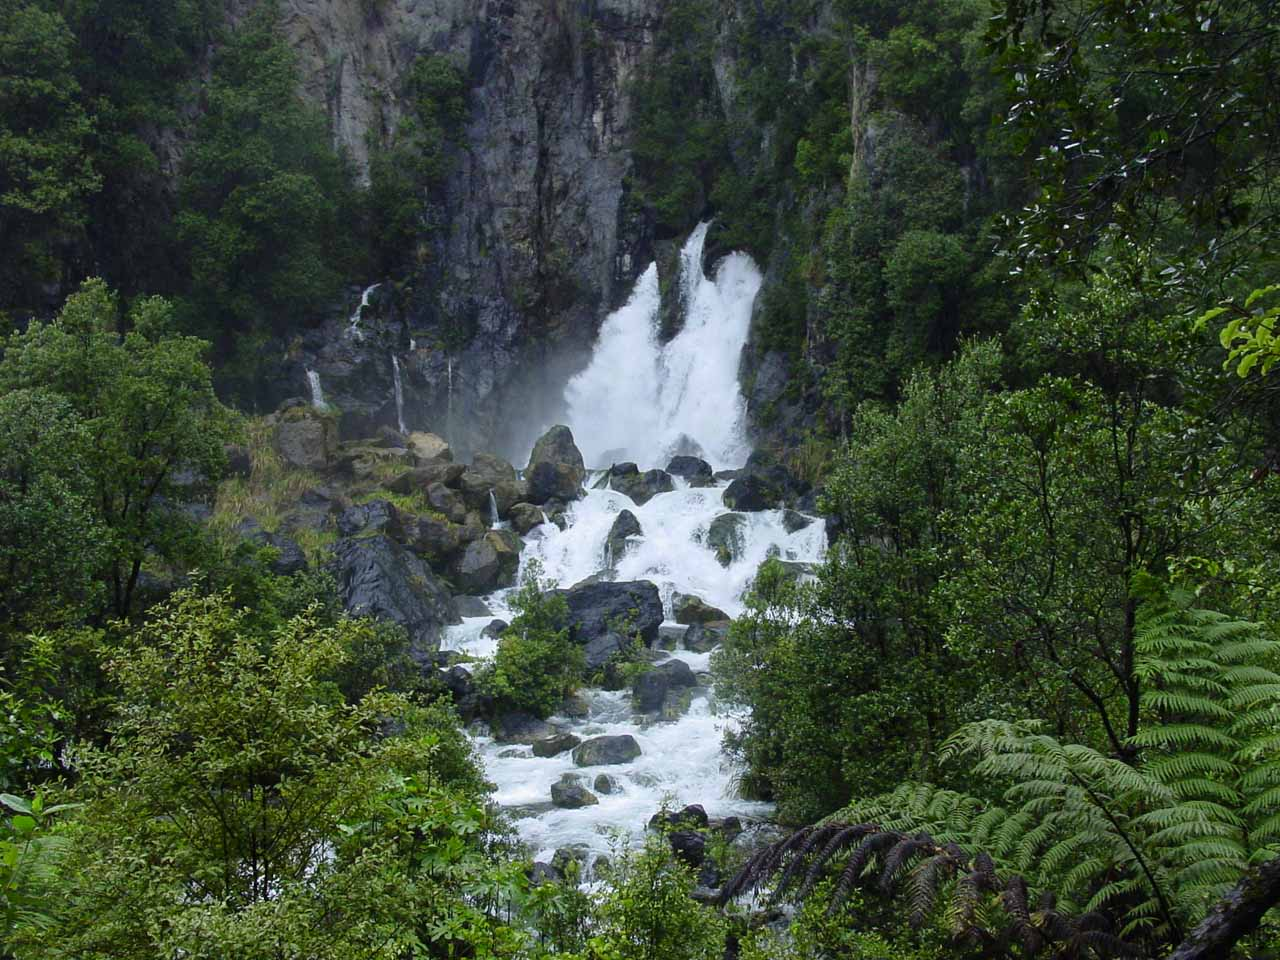 Contextual view of the gushing spring-like Tarawera Falls